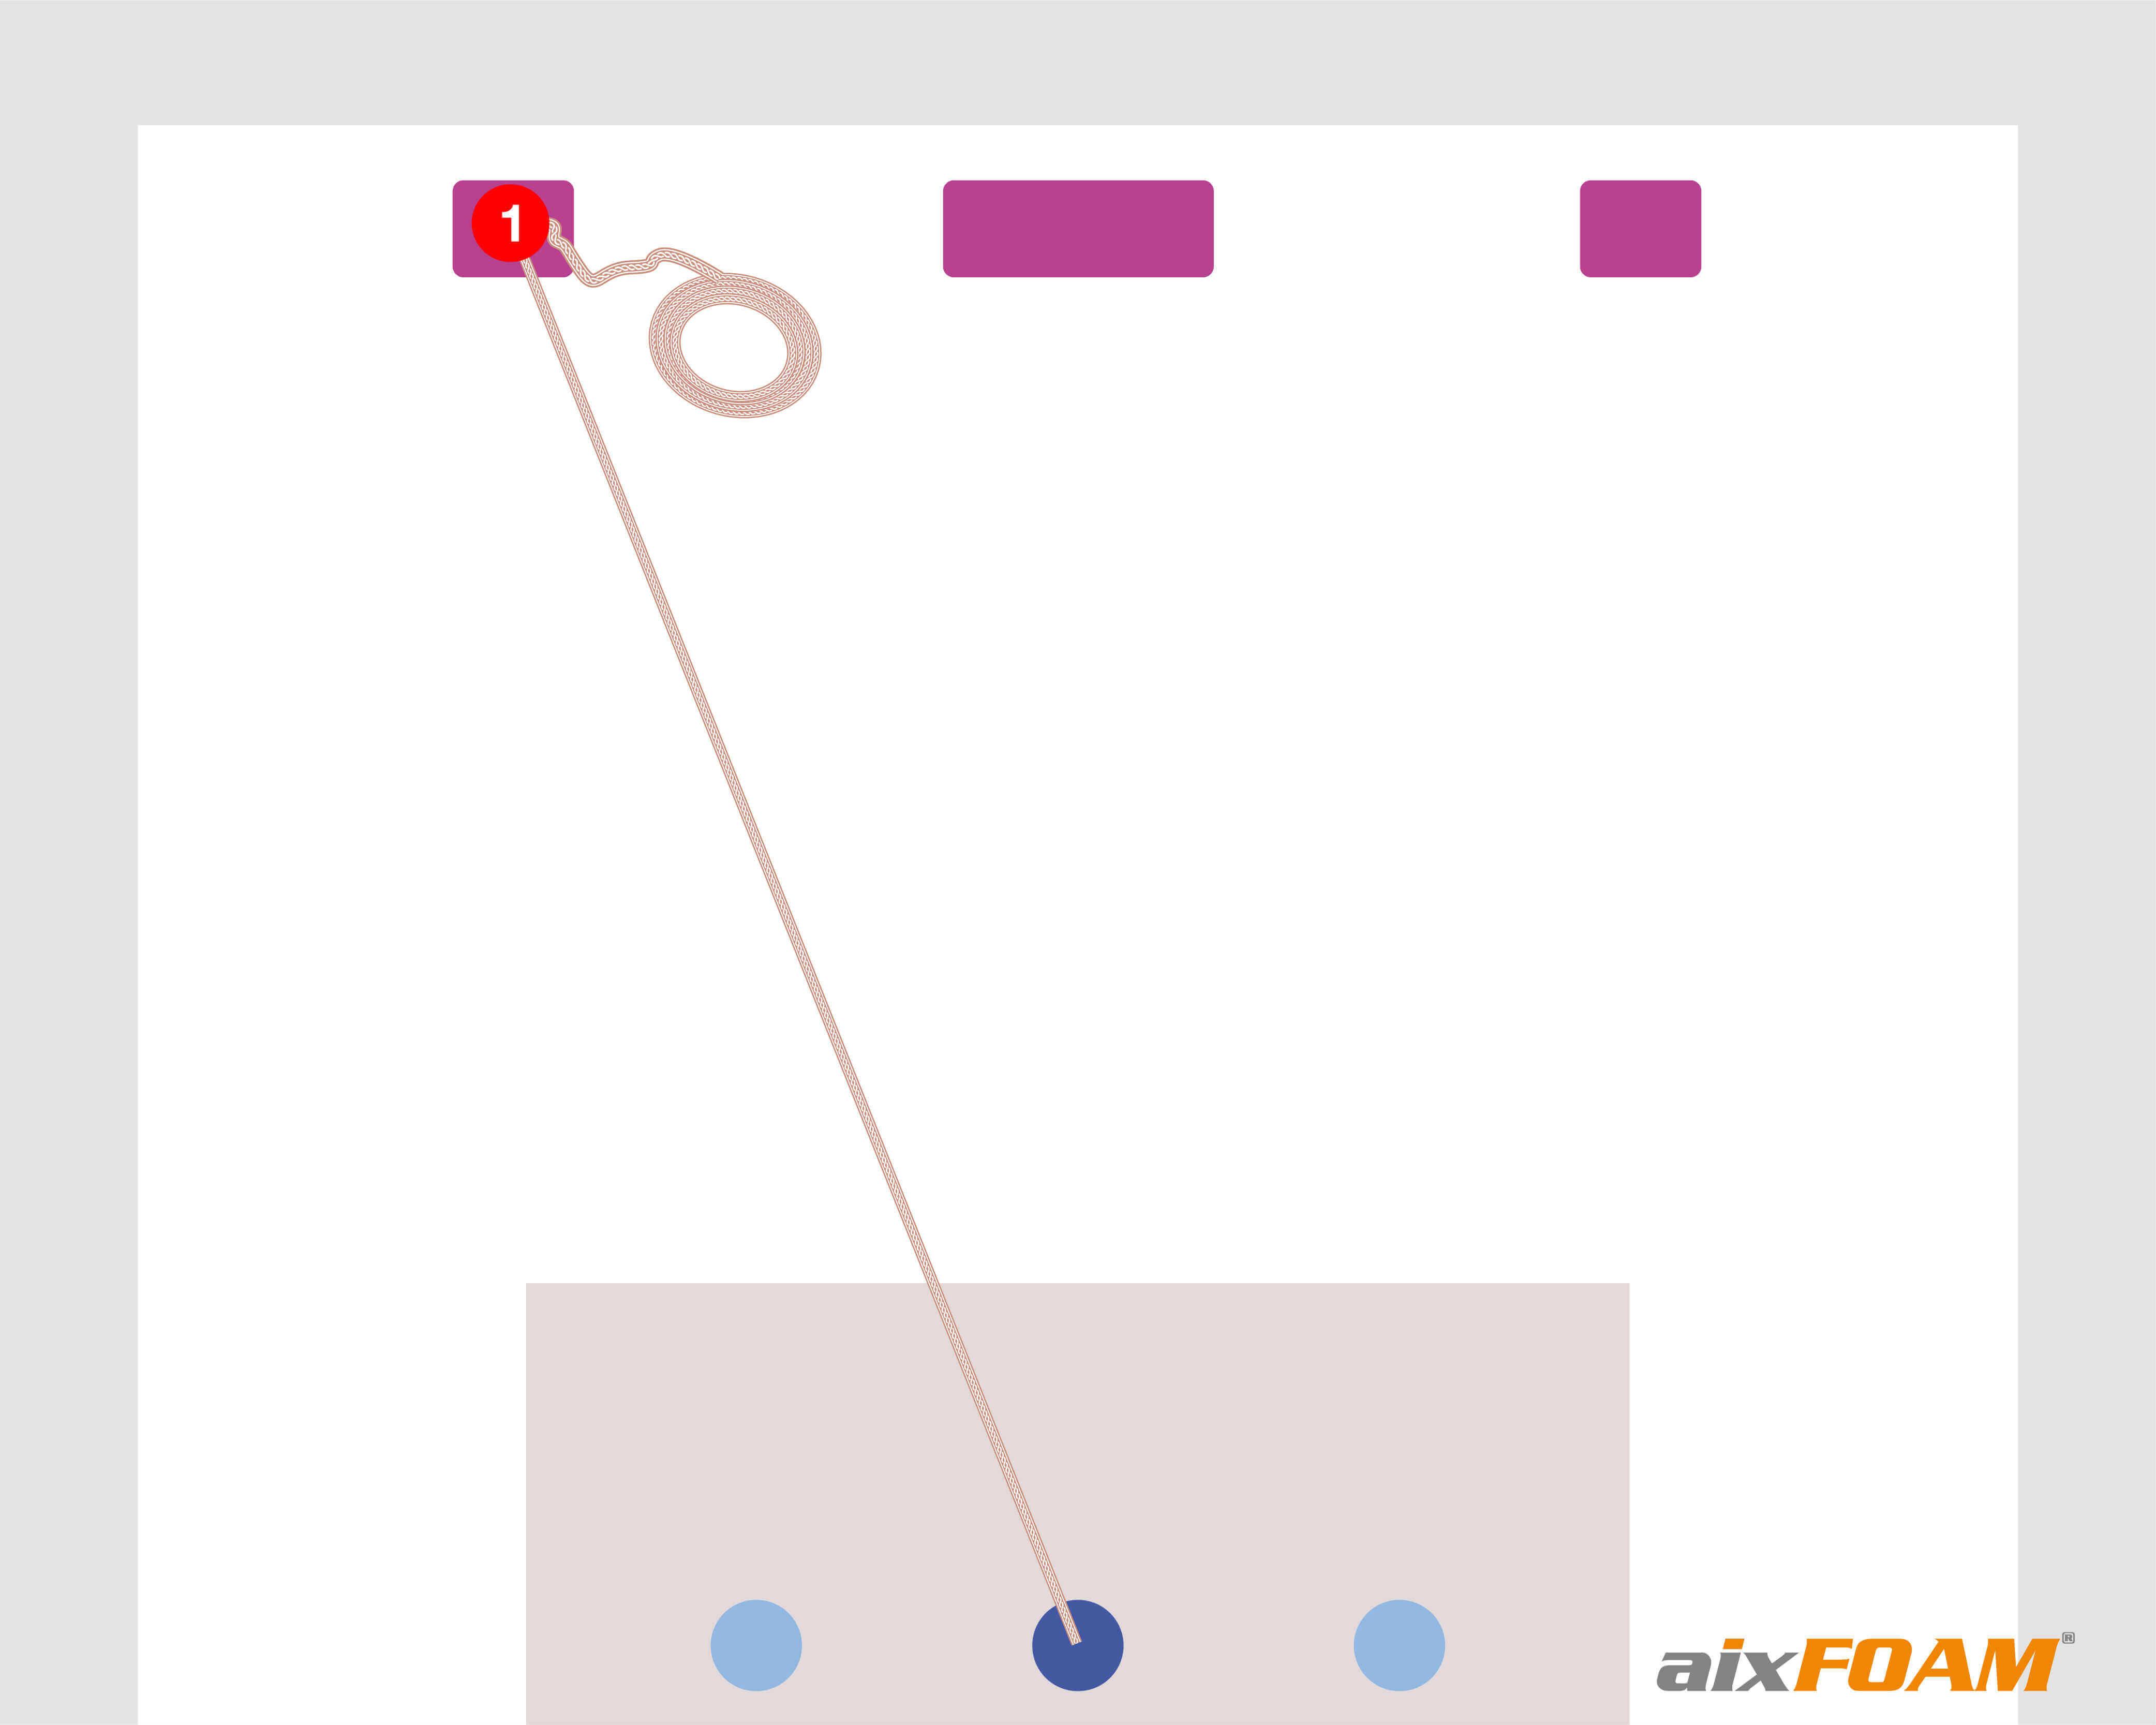 Vaihe 1: Narun vetäminen kuuntelupaikasta kaiutinboksiin, jolle heijastumiskohdat määritetään, paikan merkintä solmulla